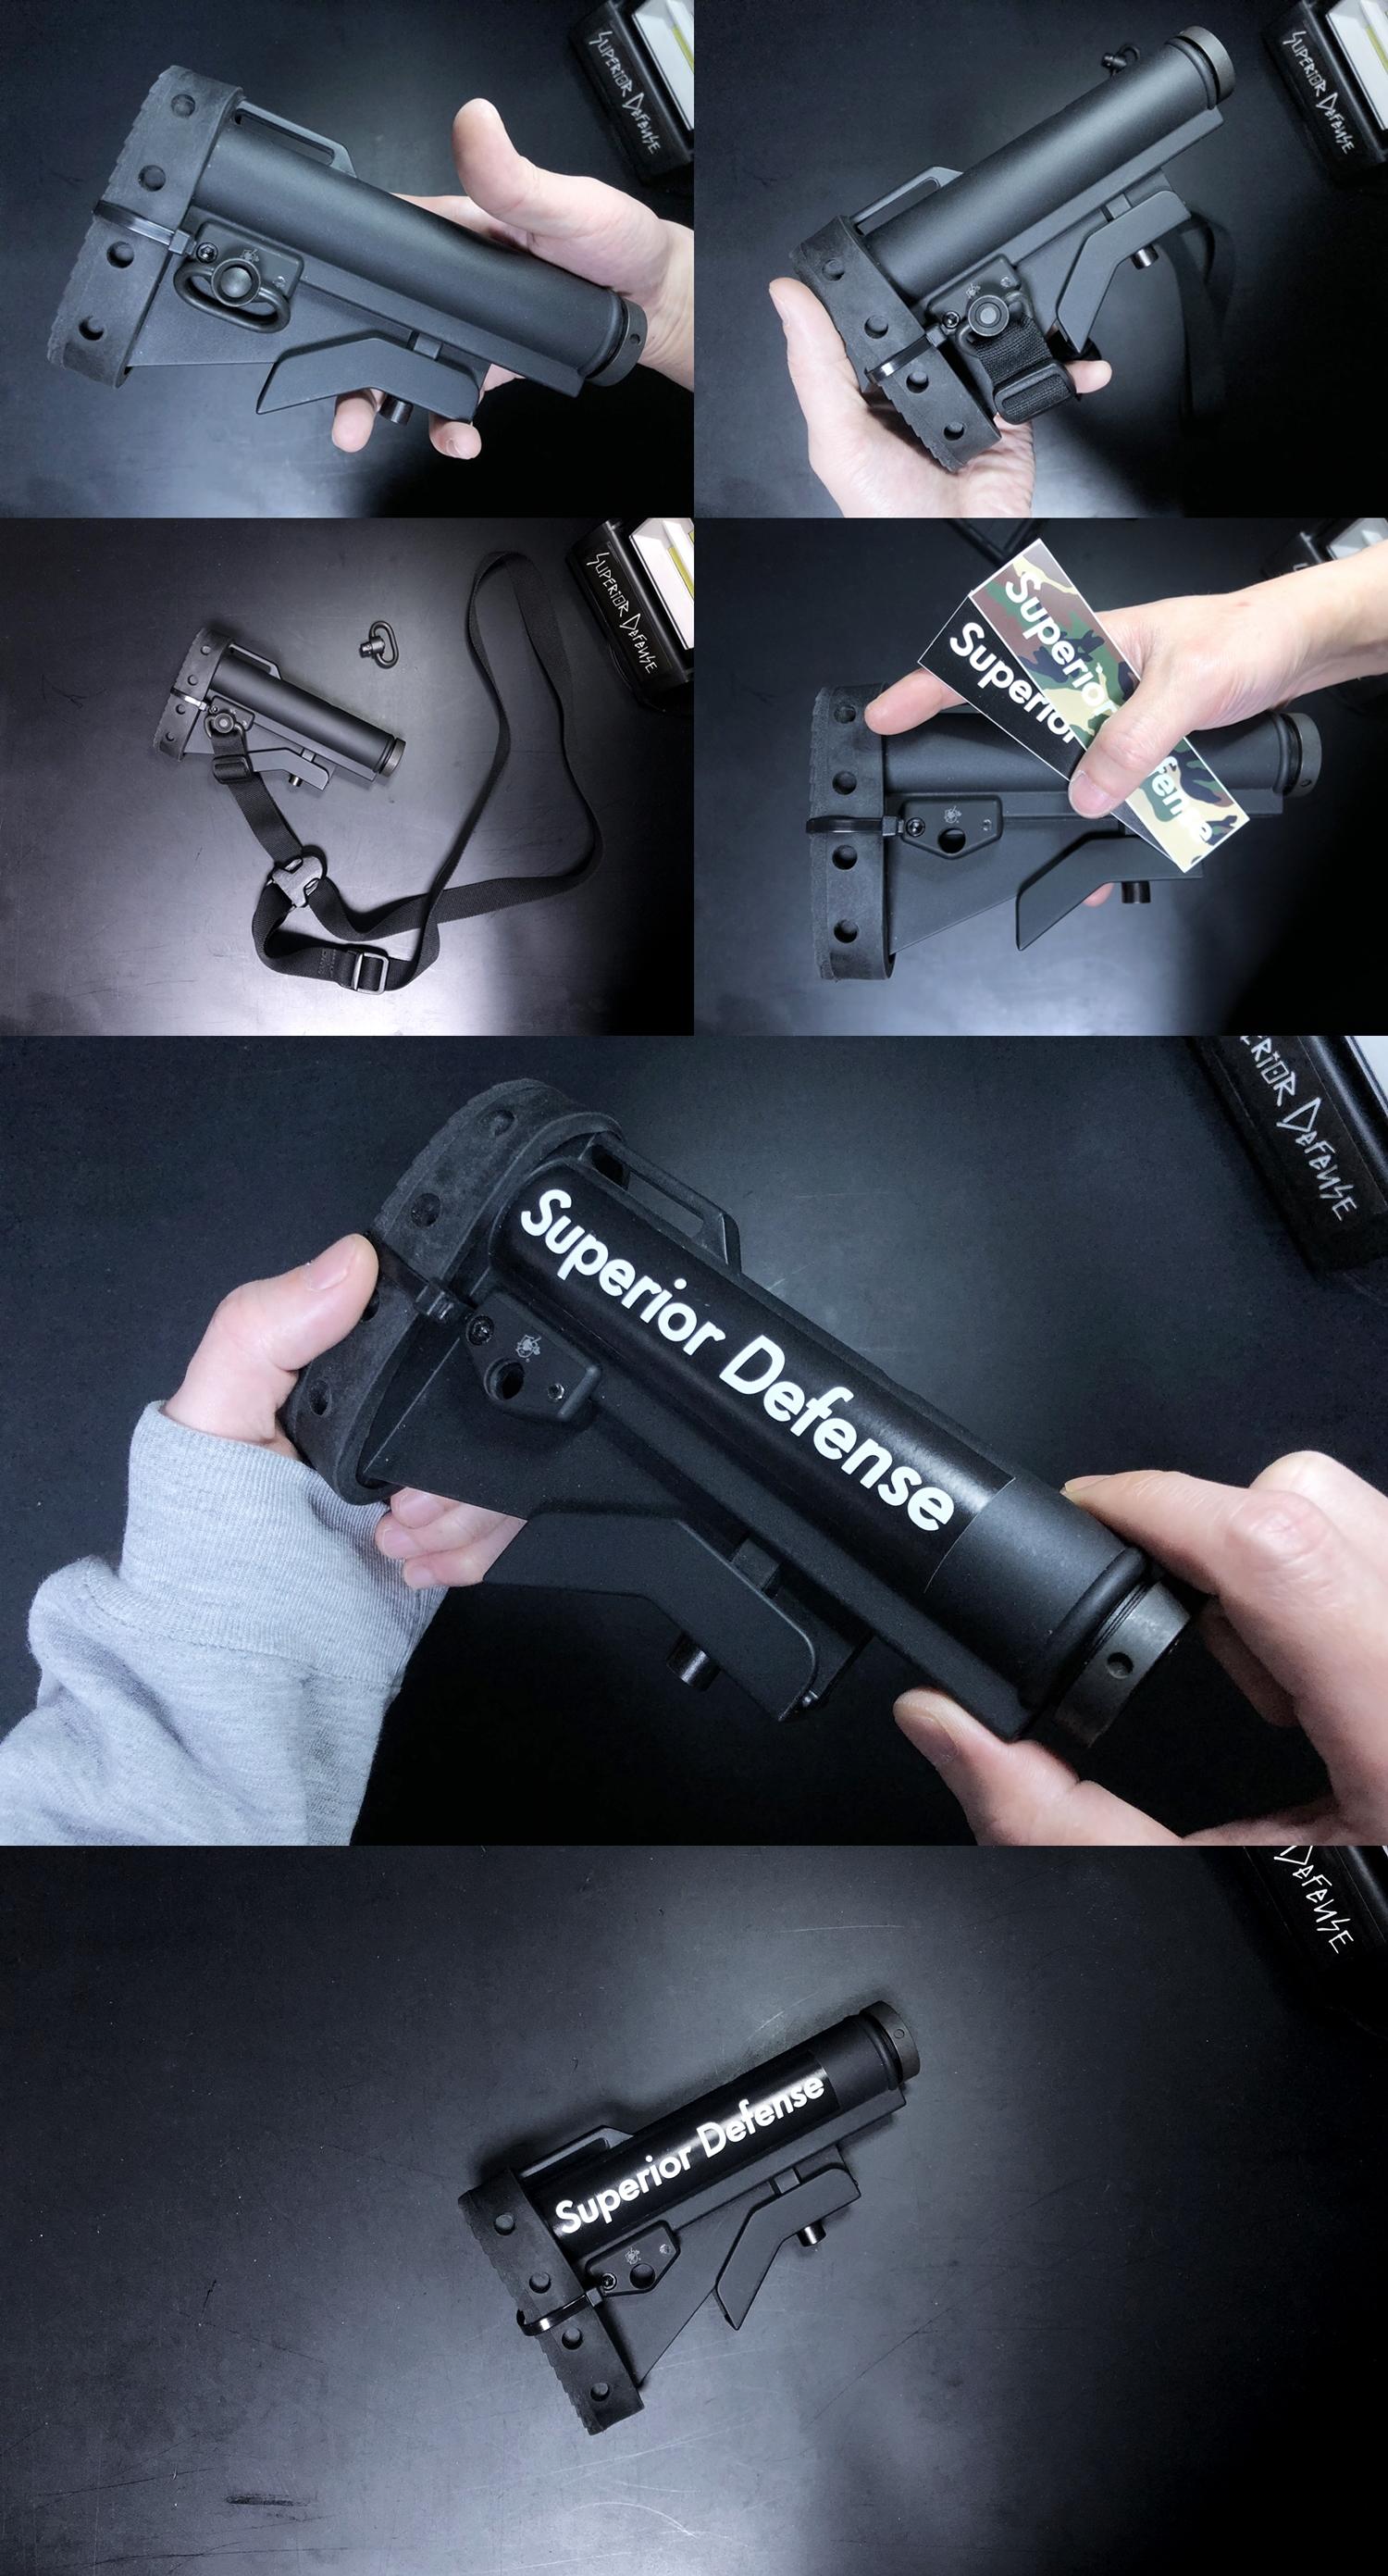 21 実物 Knight's Armament M4 Carbine Buttstock QD Sling Mount Kit & JOHN MASEN DELTA PAD & REMAKE M733 COMMANDOS STOCK!! DIY NOVESKE PIG!! KAC ナイツ QD デルタパッド!! 購入 取付 カスタム レビュー!!